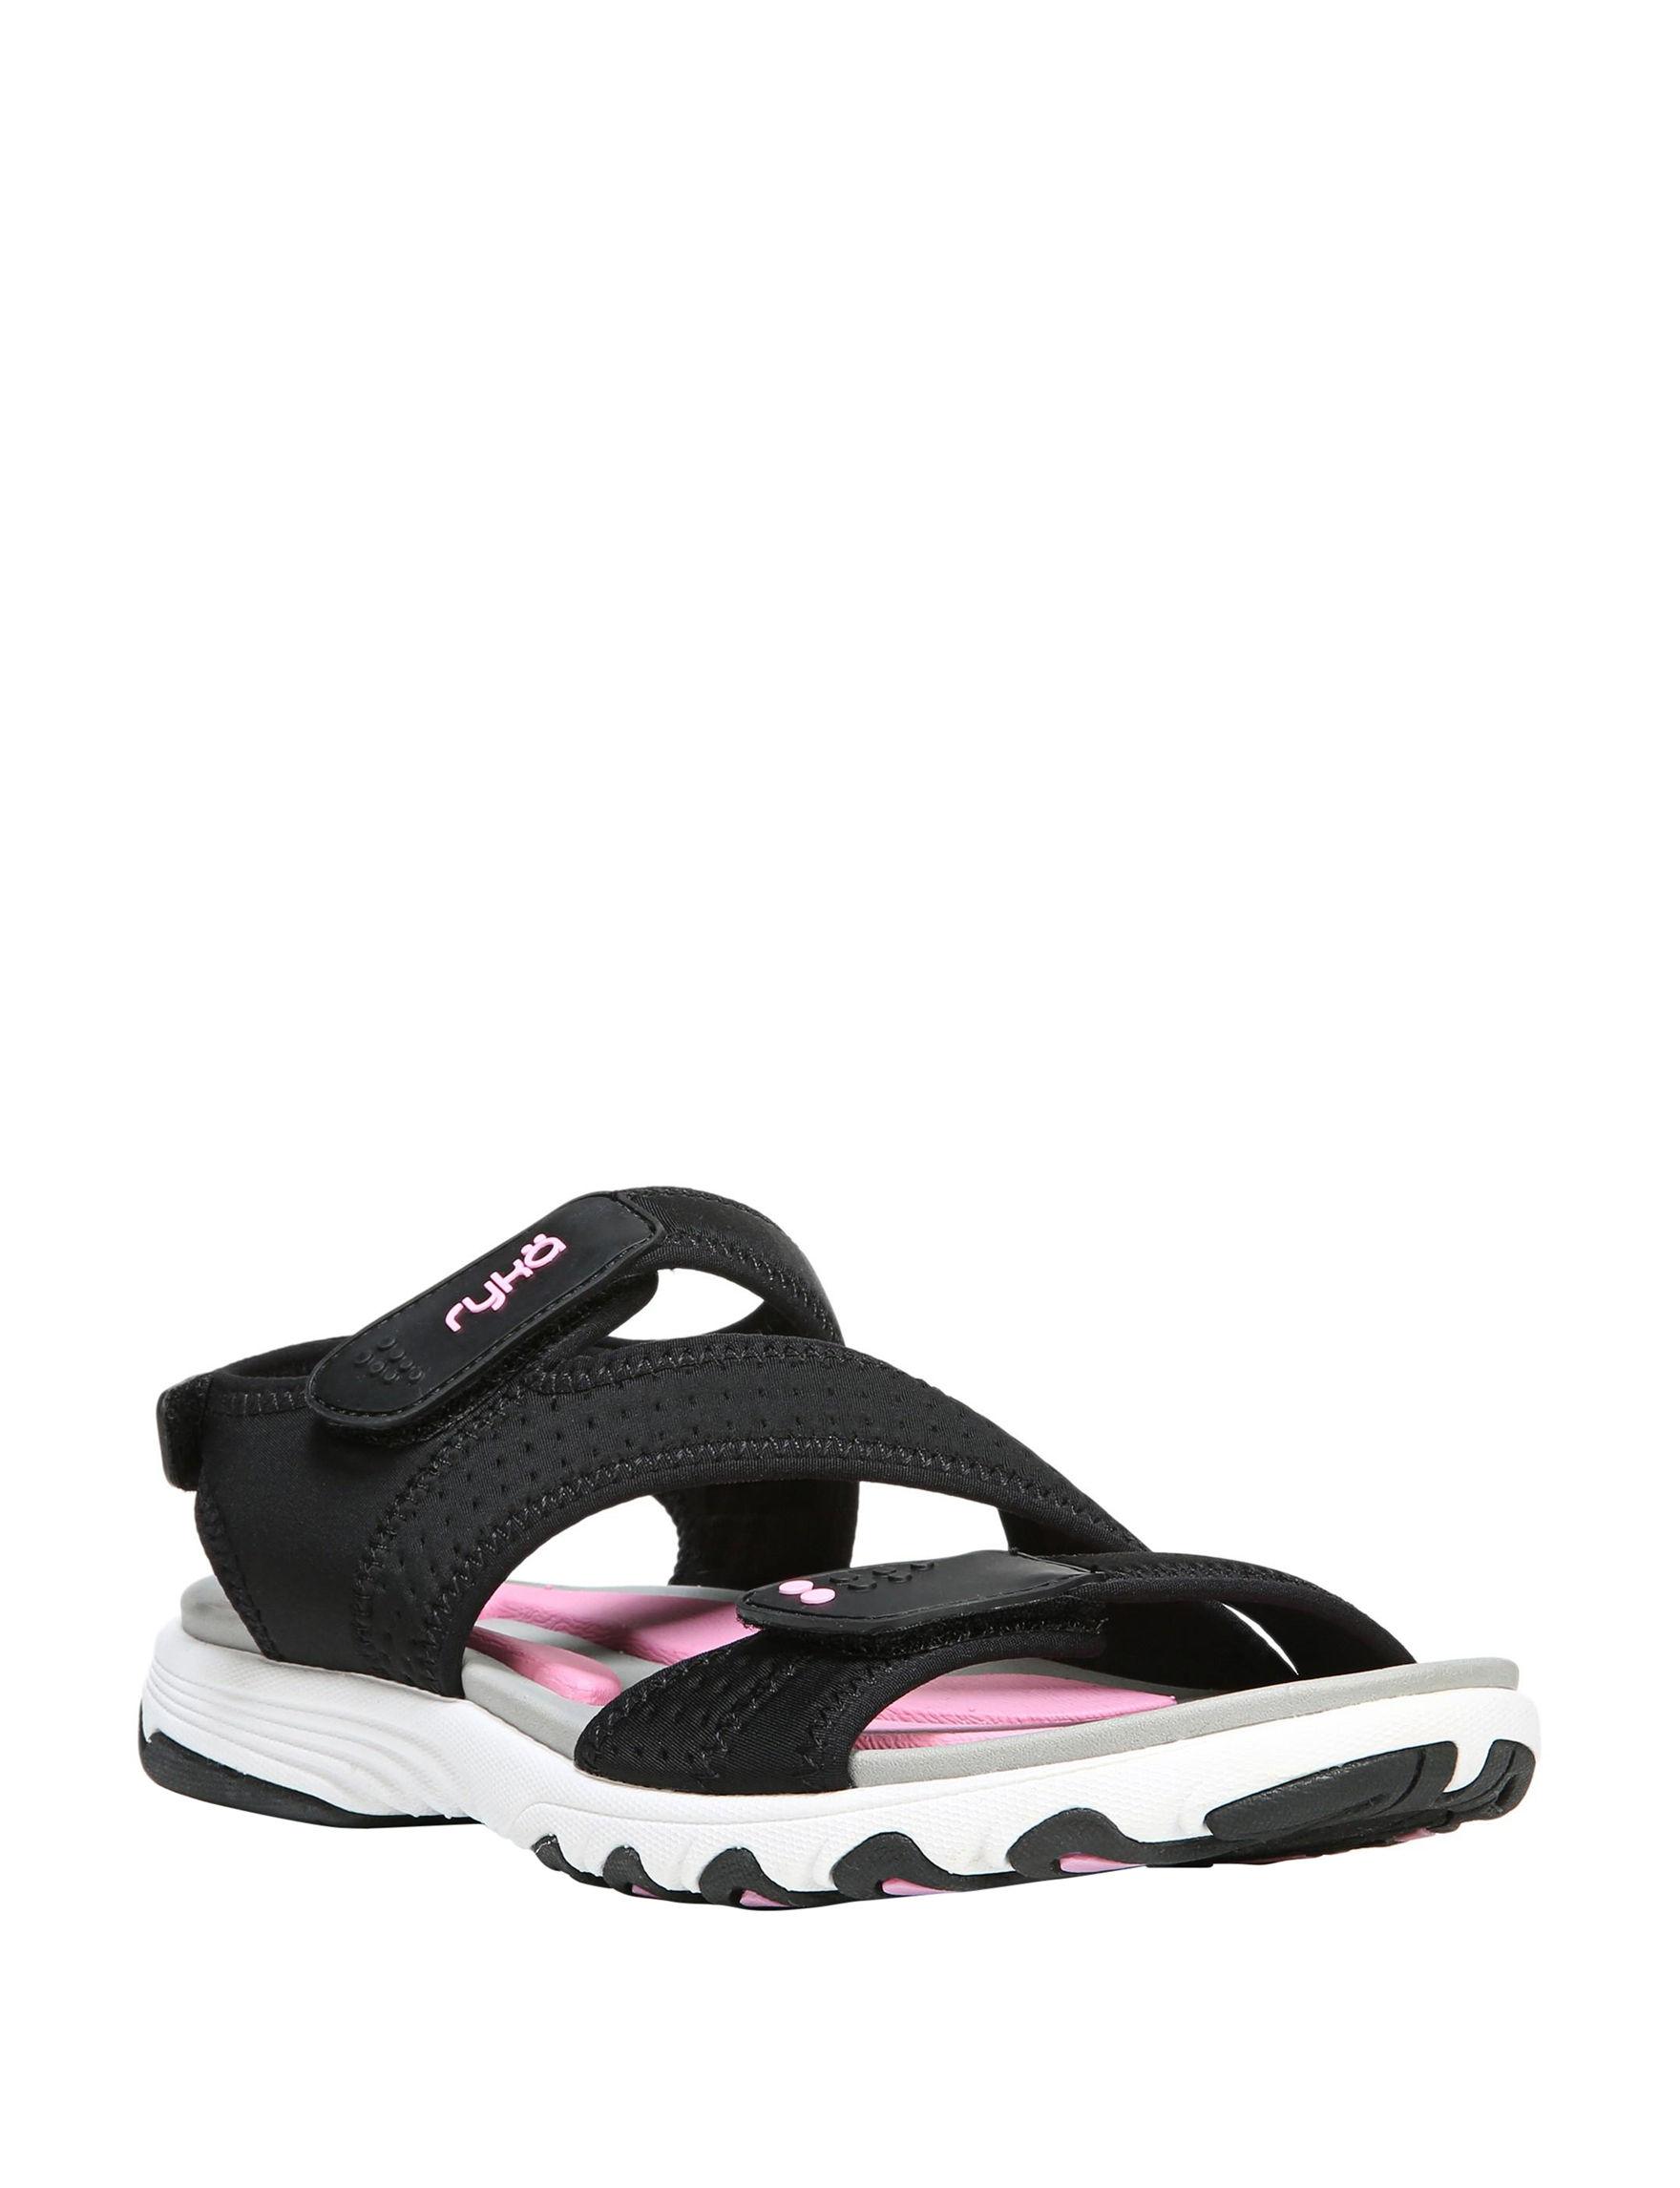 Ryka Black Sport Sandals